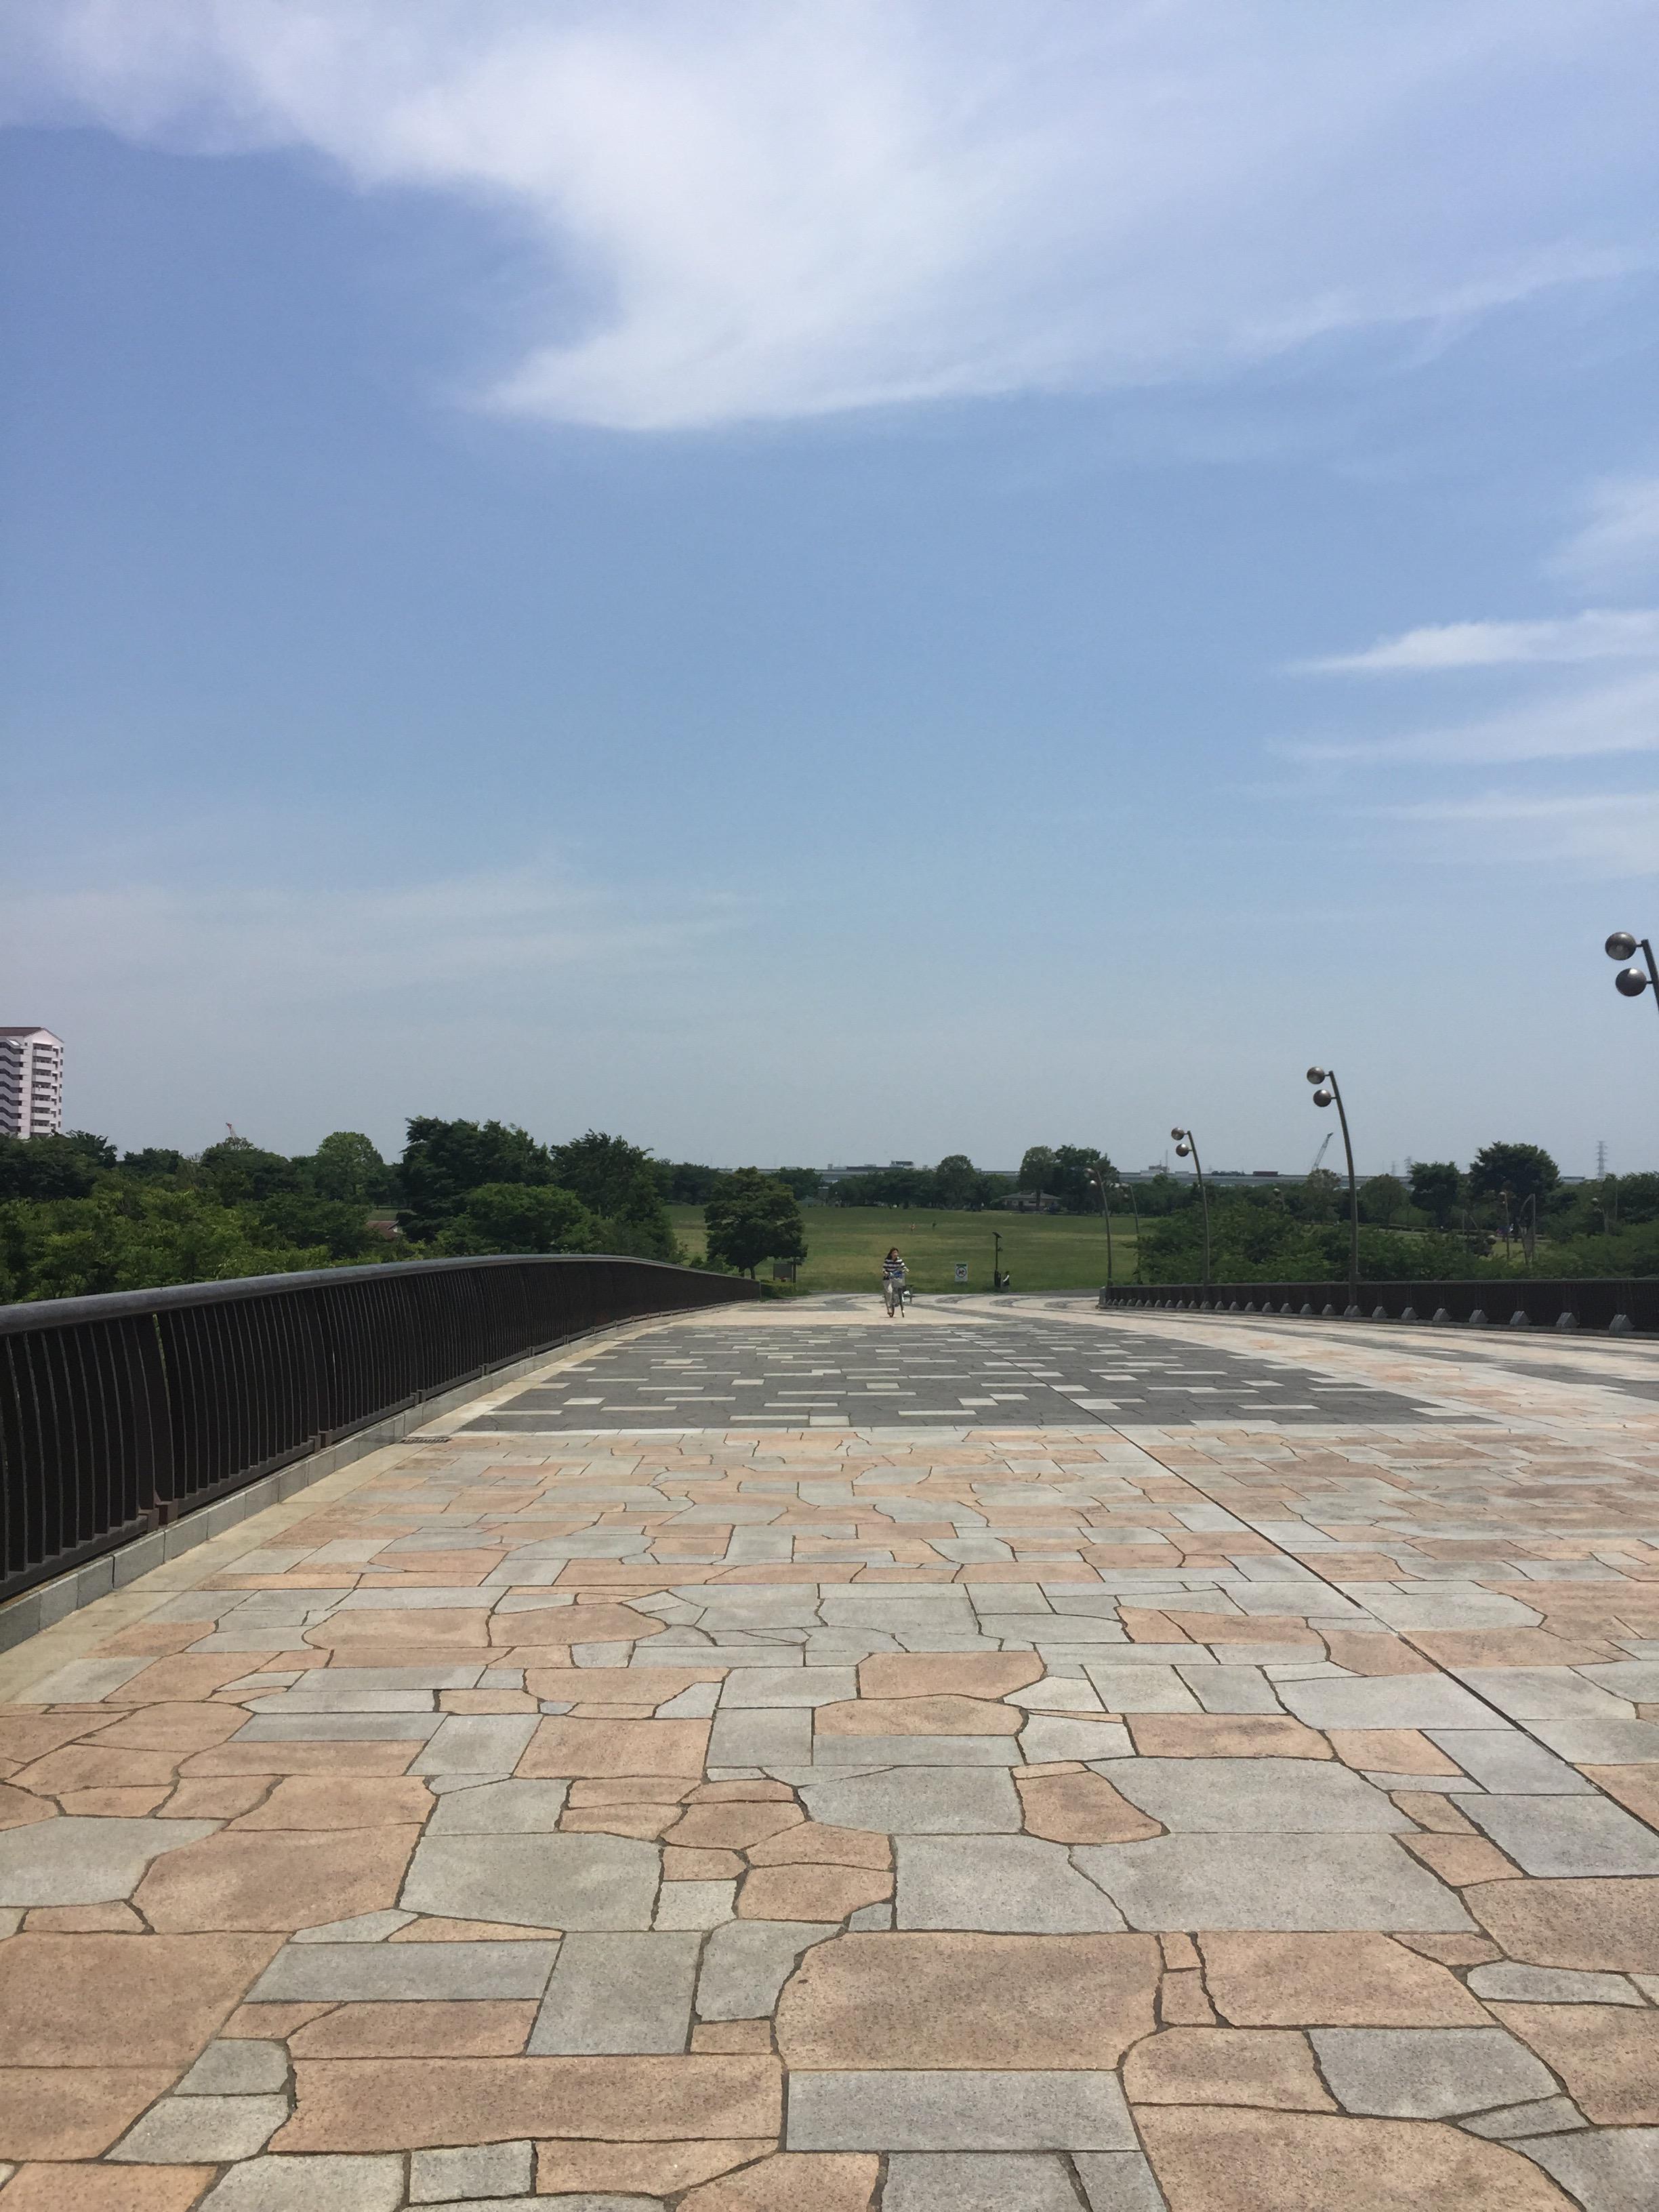 img 2279 ここ東京?緑溢れる公園!